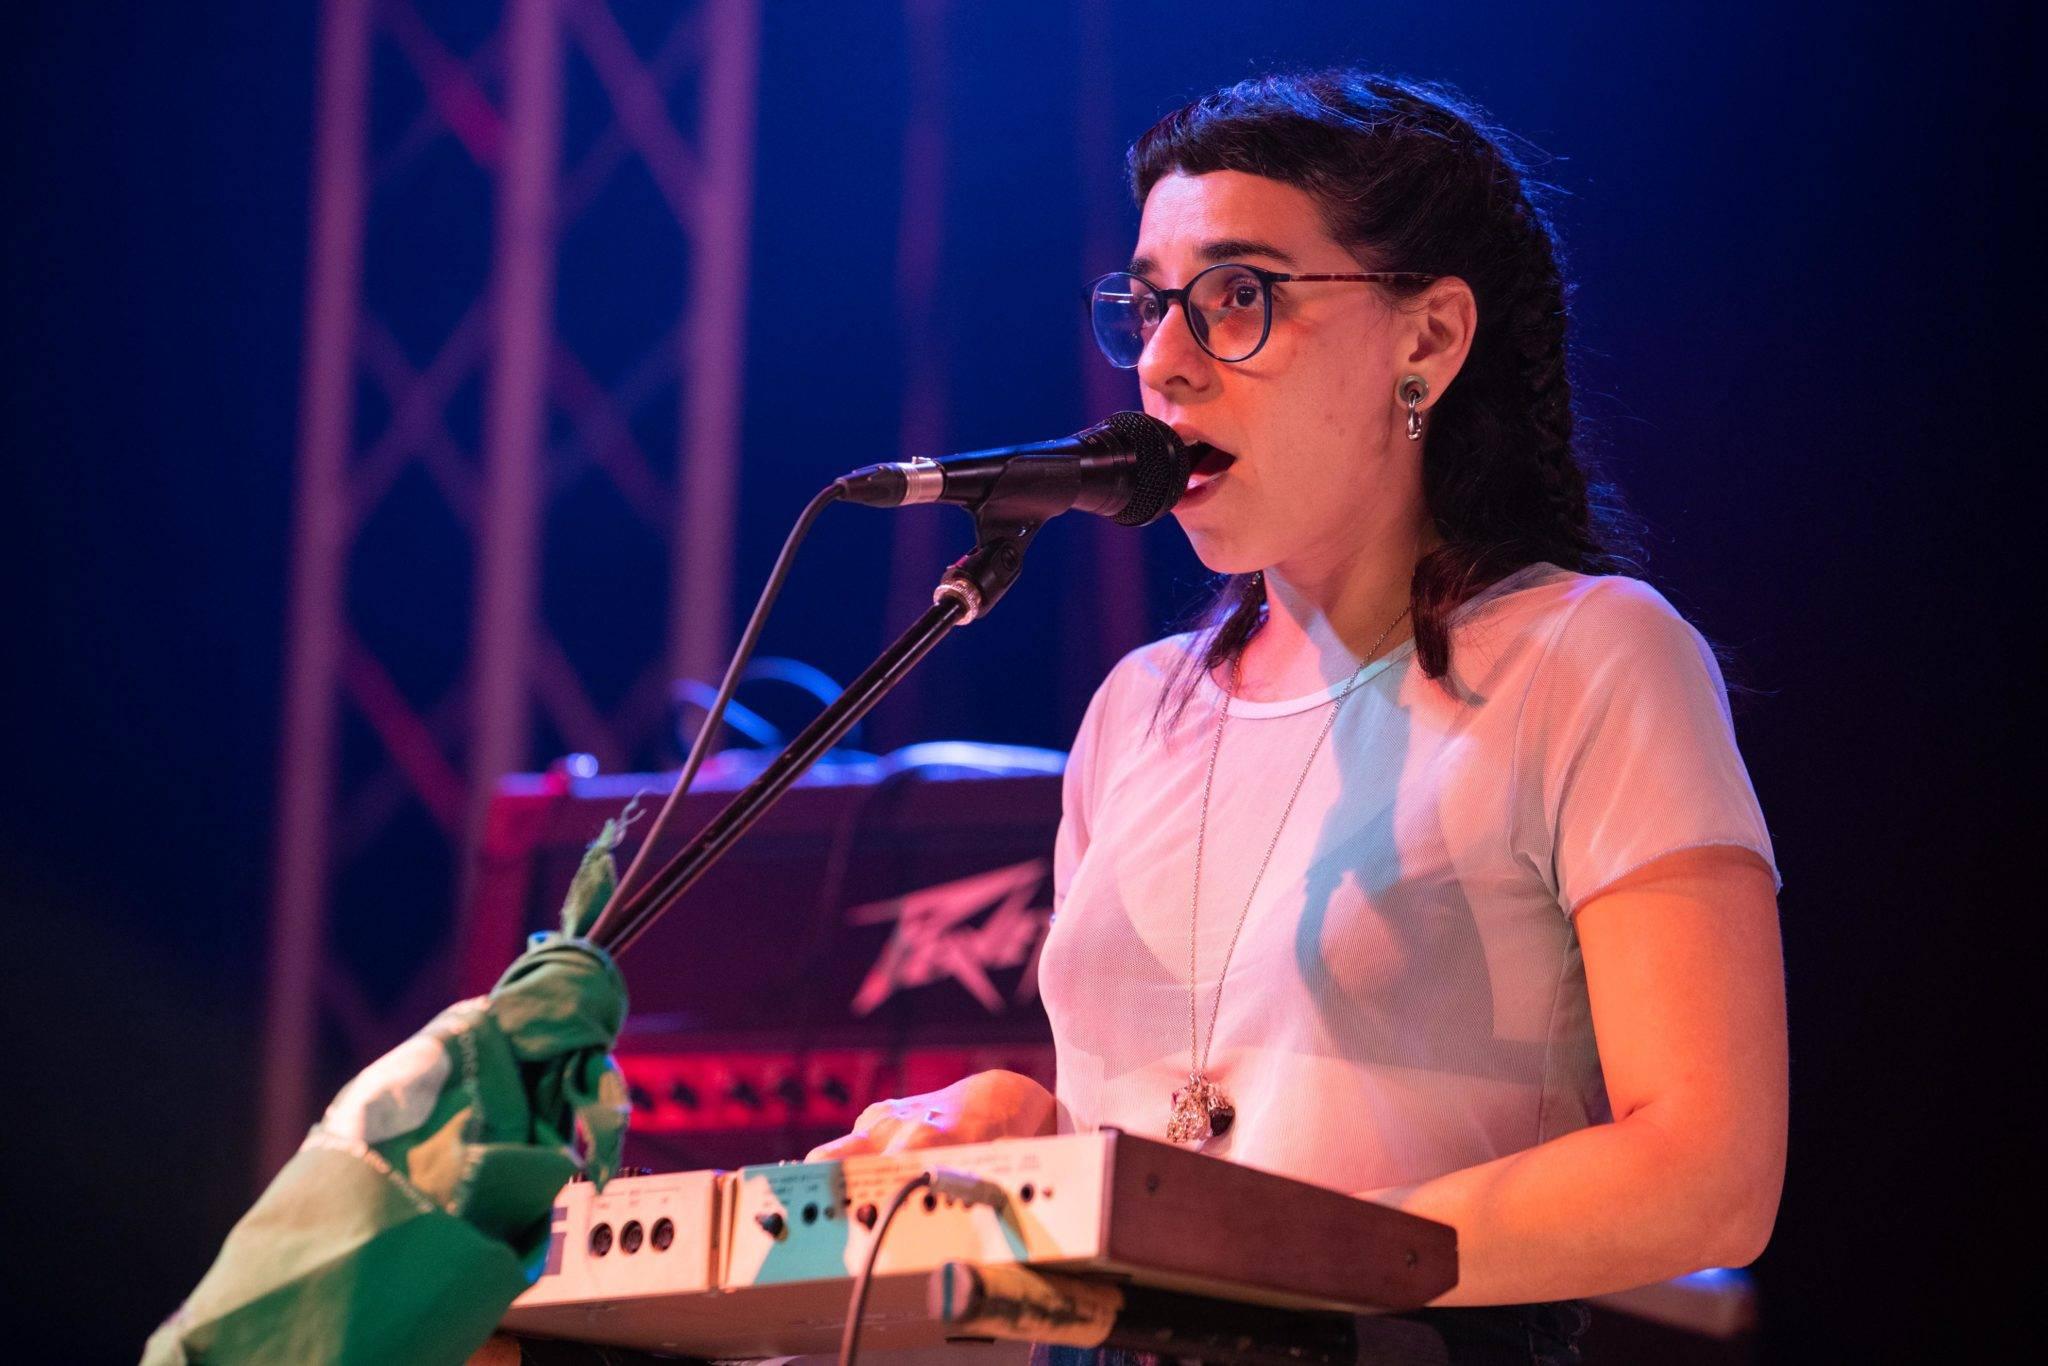 Melina Spizzirri (synthesizers and trombone). Photo: Dynamicart